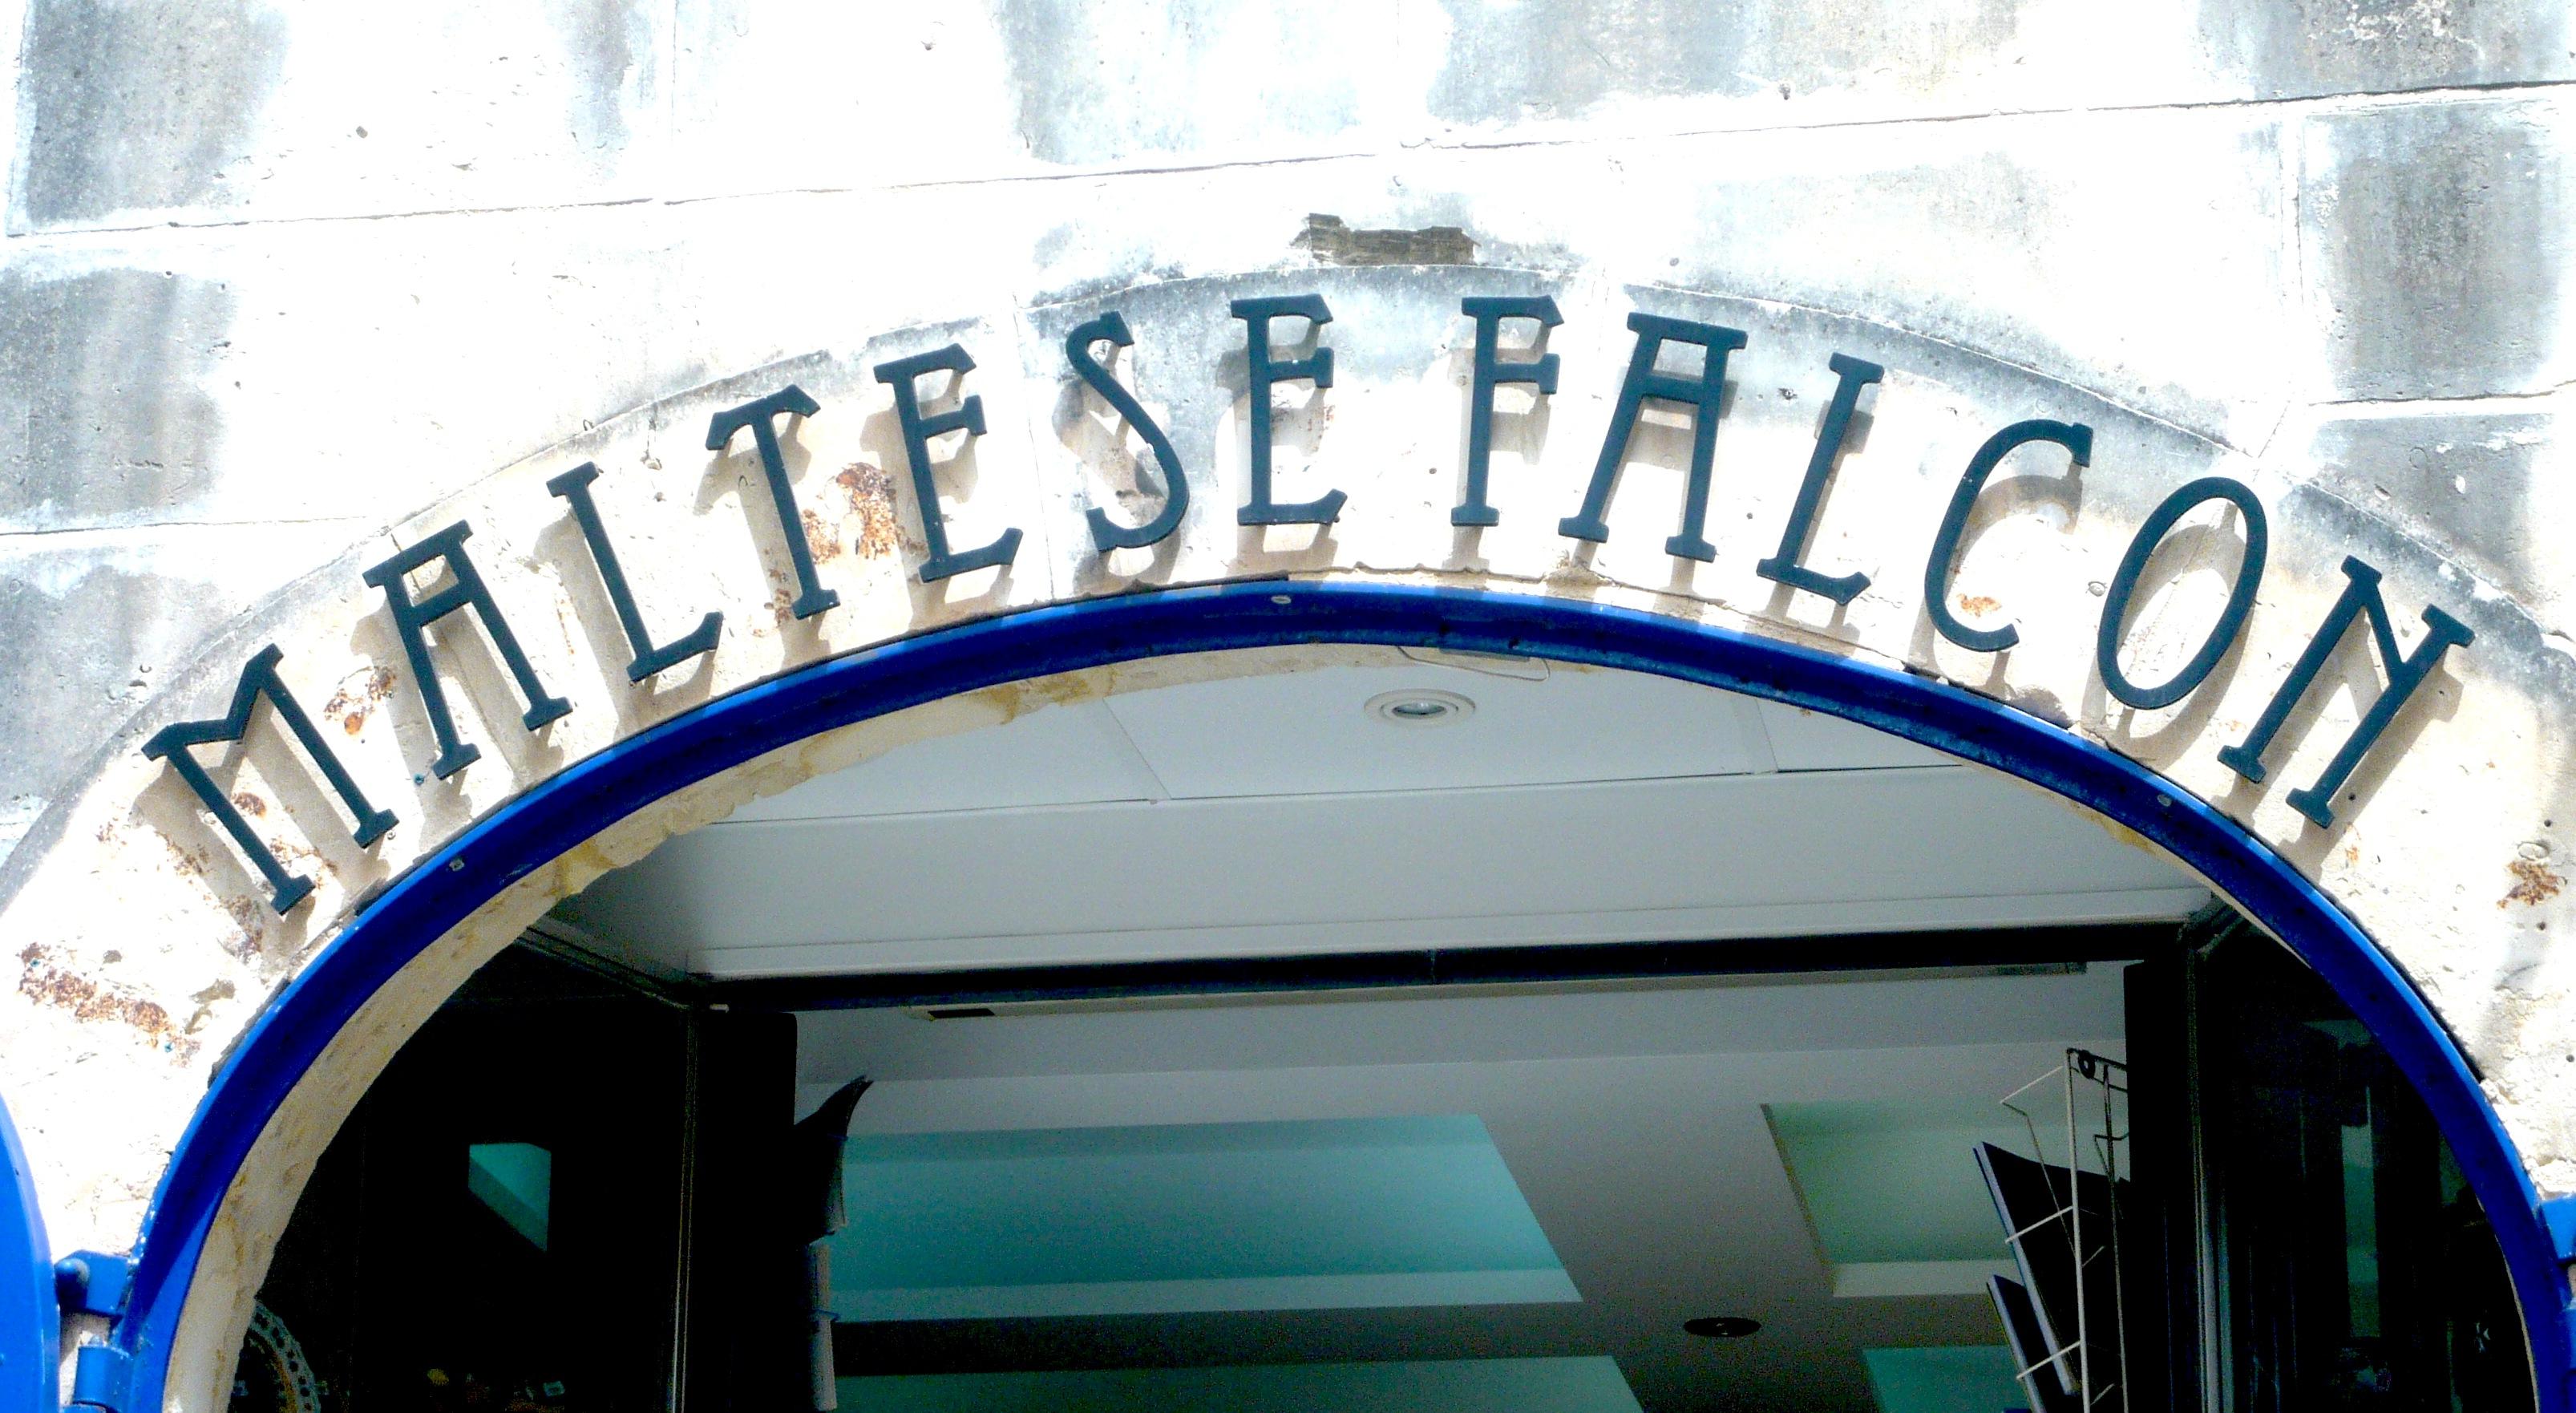 The Maltese falcon jewellery shop